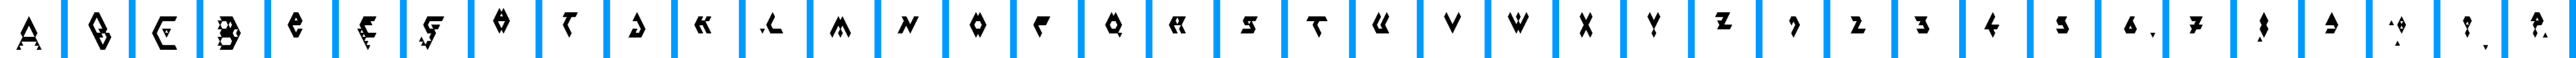 Particip-a-type v.137